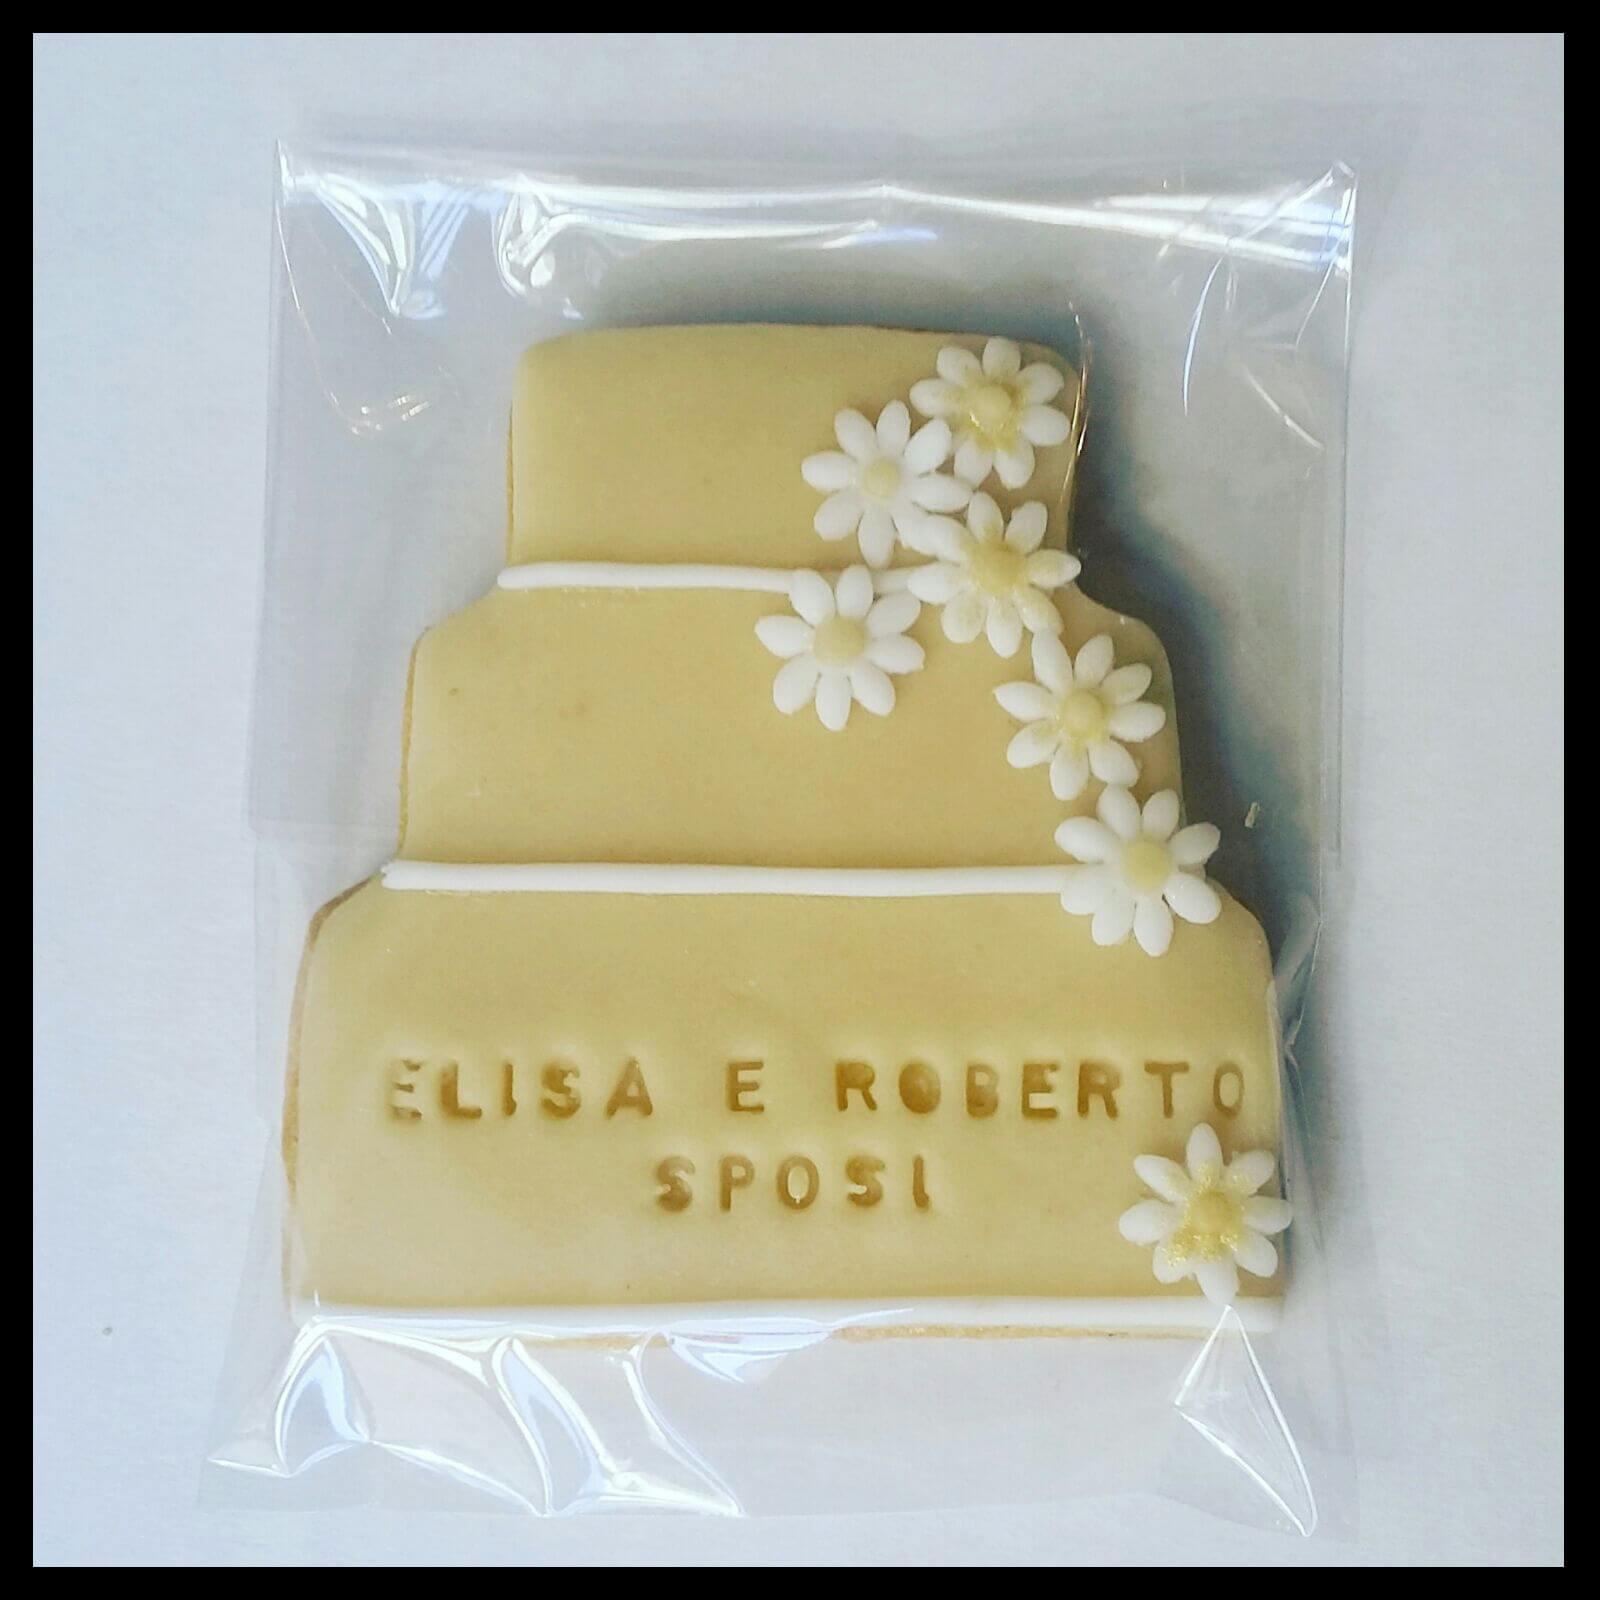 Segnaposto Matrimonio Pasta Di Zucchero.Segnaposto Per Il Matrimonio Di Elisa E Roberto Via Dei Golosi